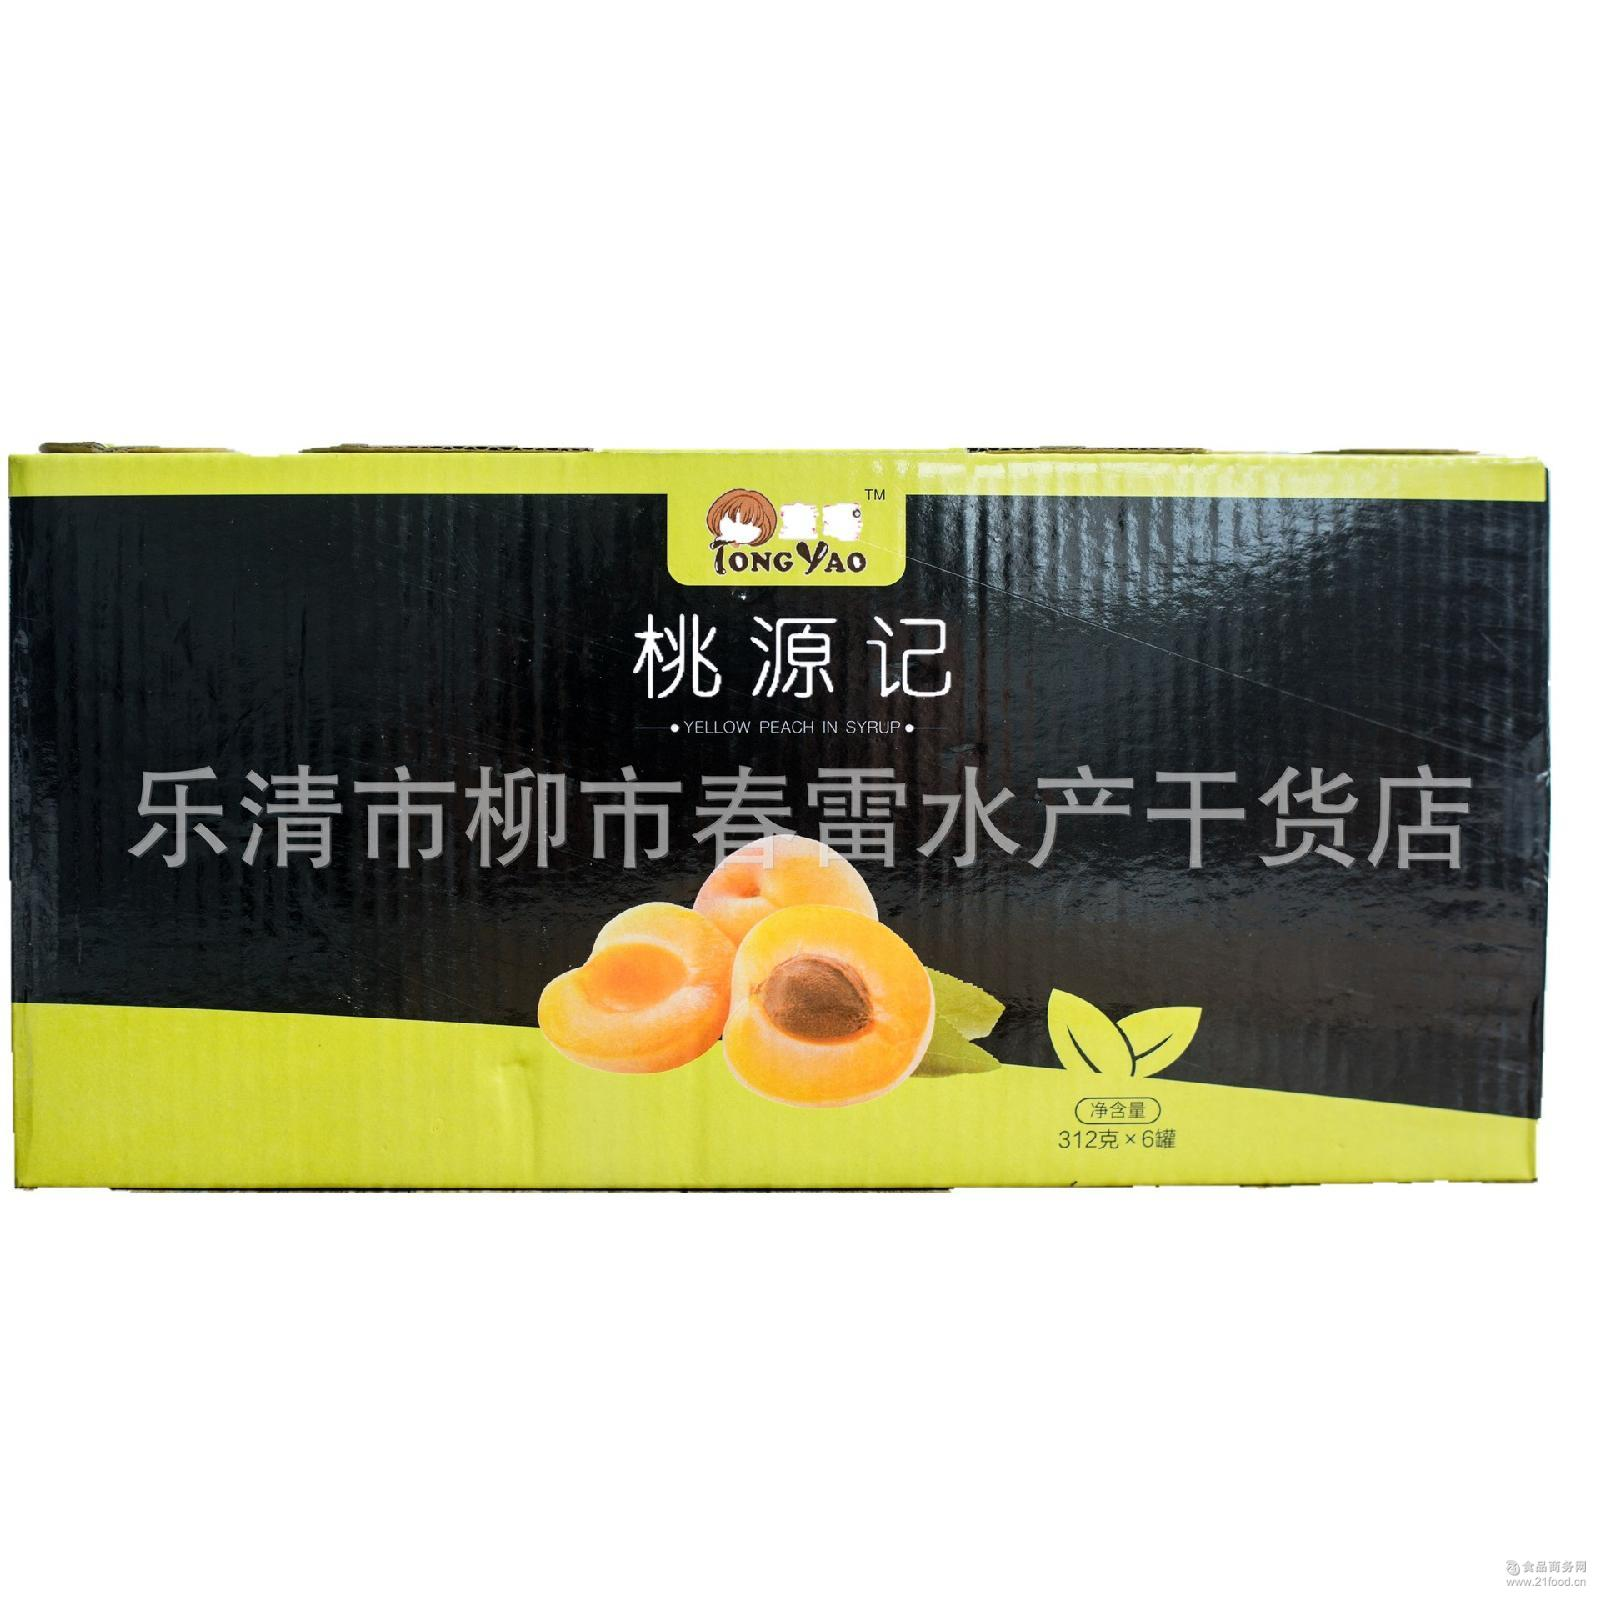 黄桃橘子罐头批发水果对开312g6瓶装微商新品儿童节 童瑶桔子厂家